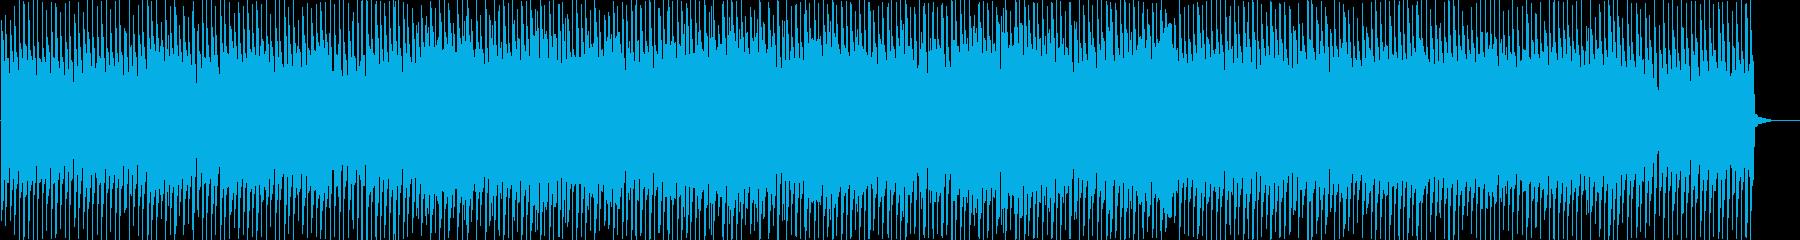 チュートリアル、IT、近未来、デジタルの再生済みの波形